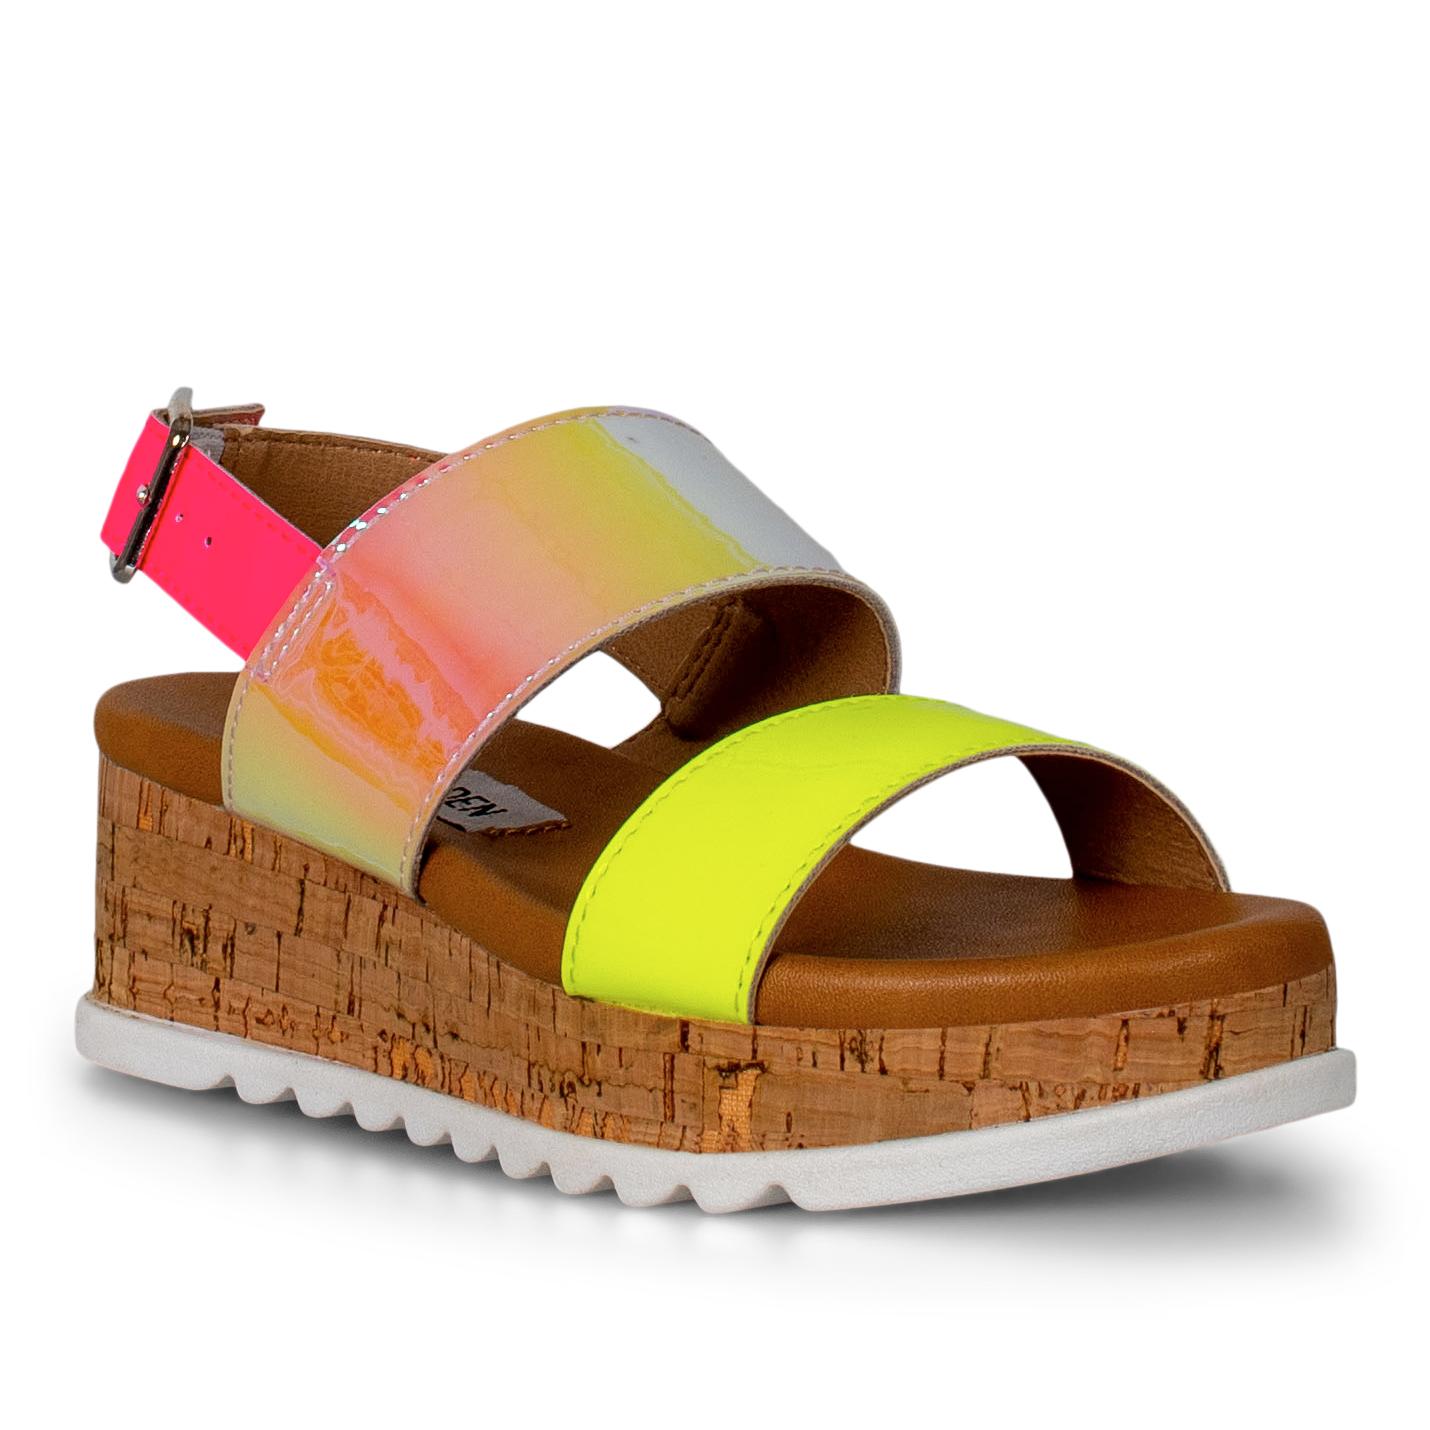 Steve Madden JKandy sandal